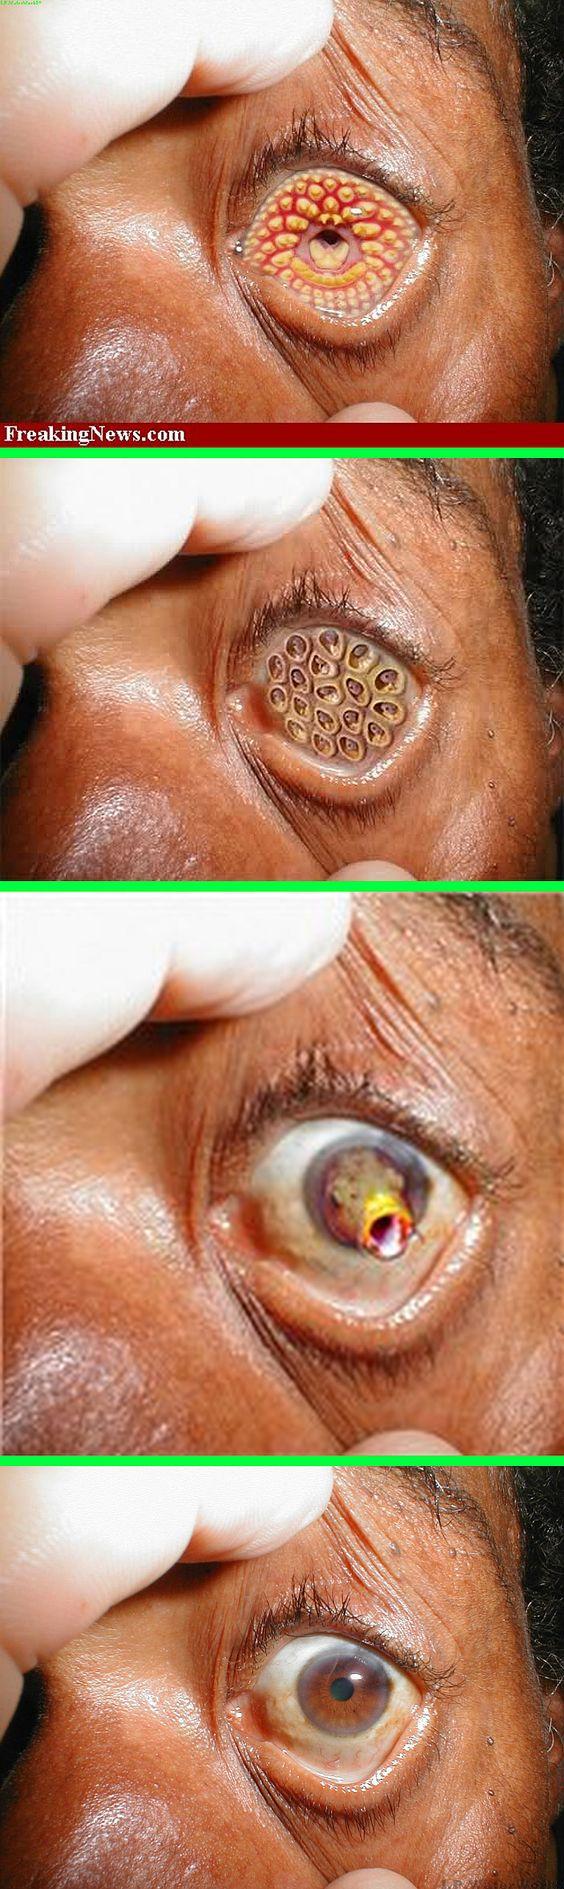 Image Gallery lamprey disease